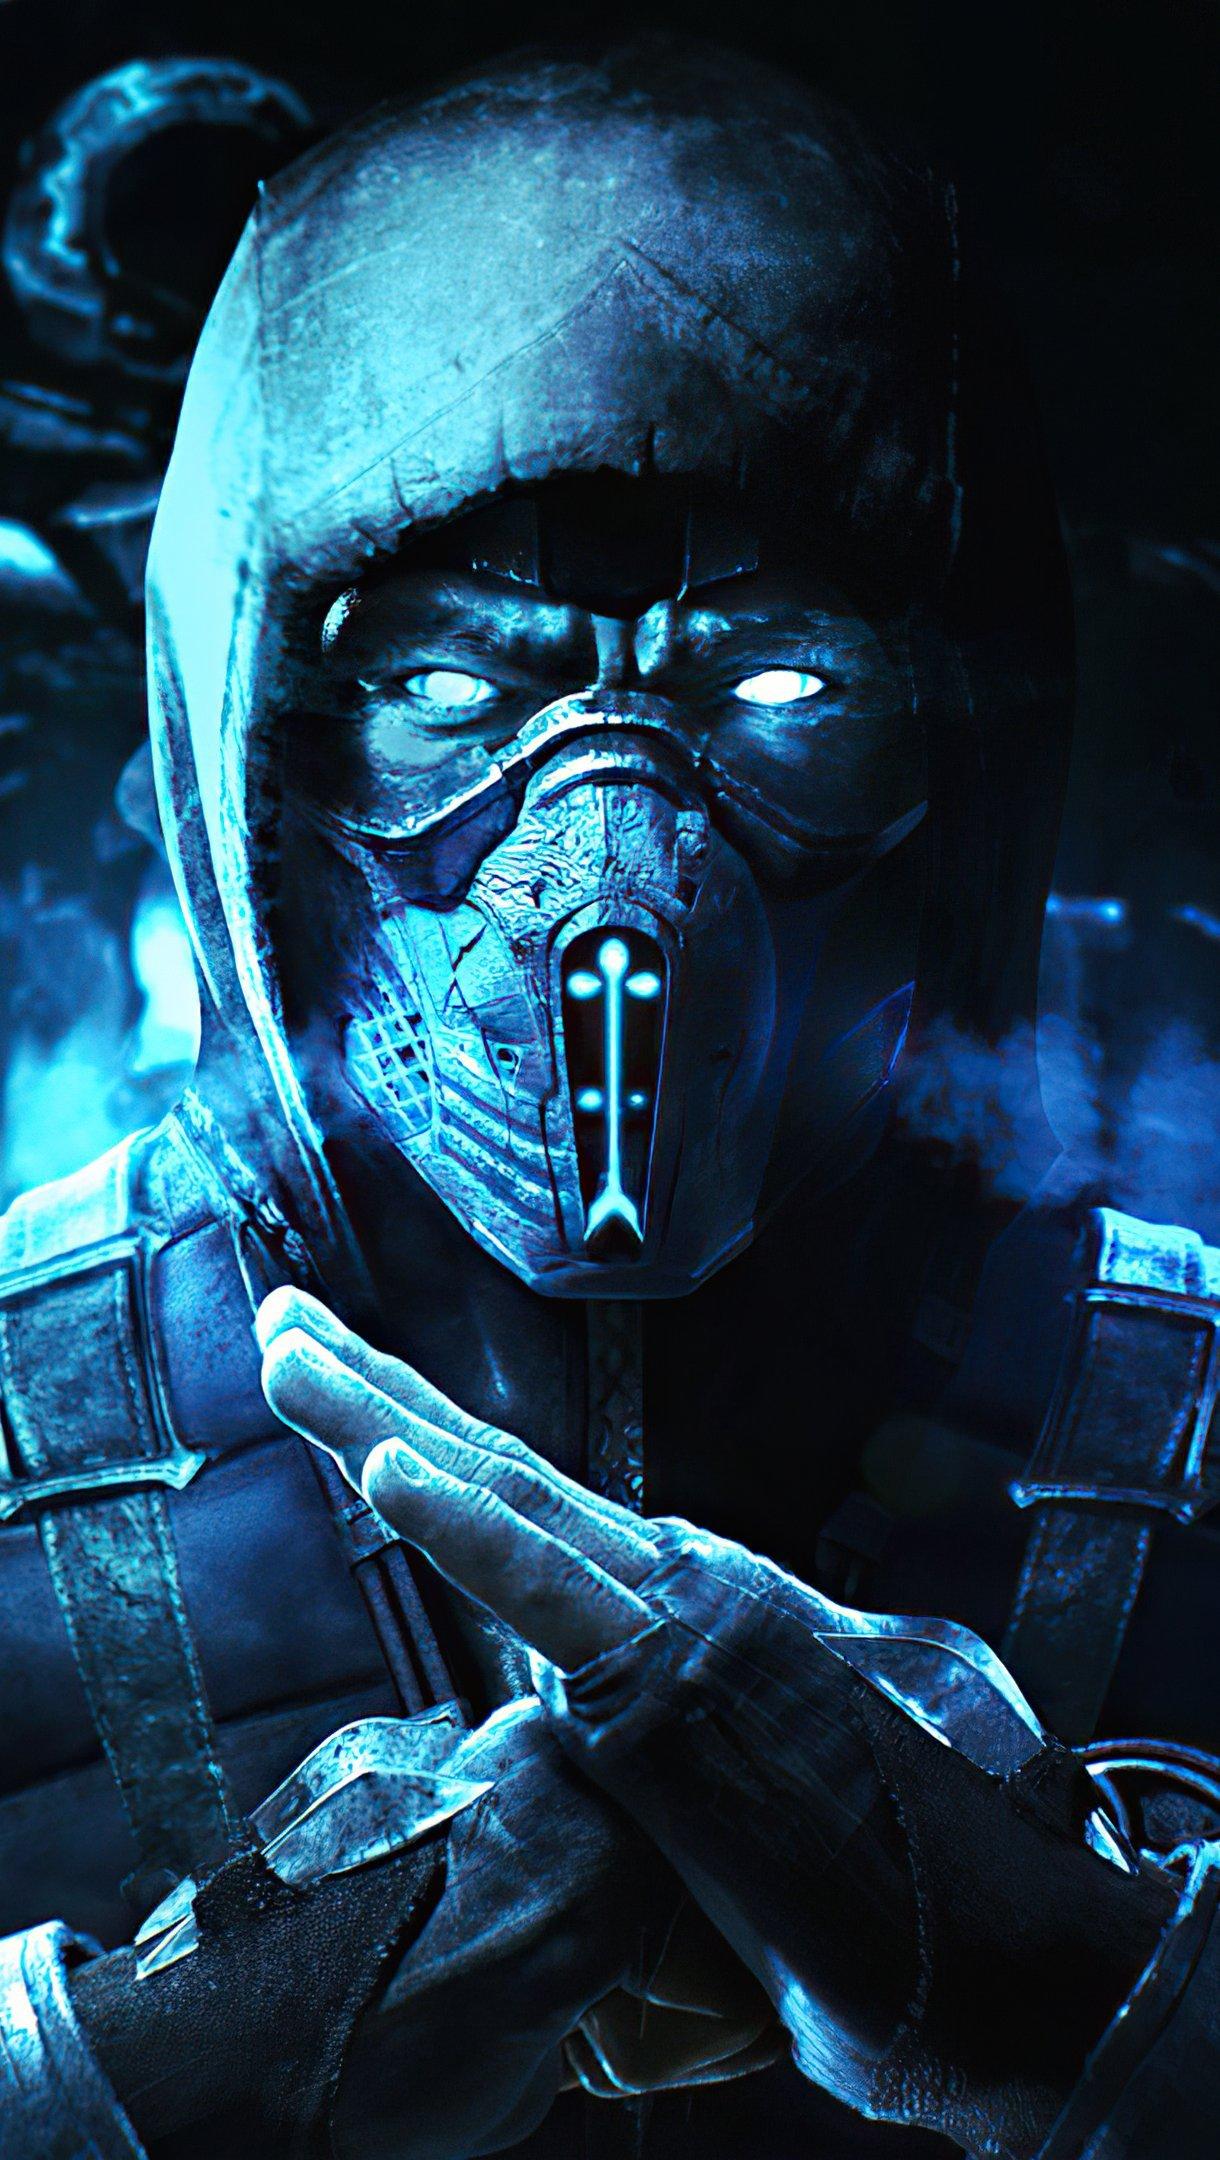 Fondos de pantalla Sub Zero Mortal Kombat 2020 Vertical